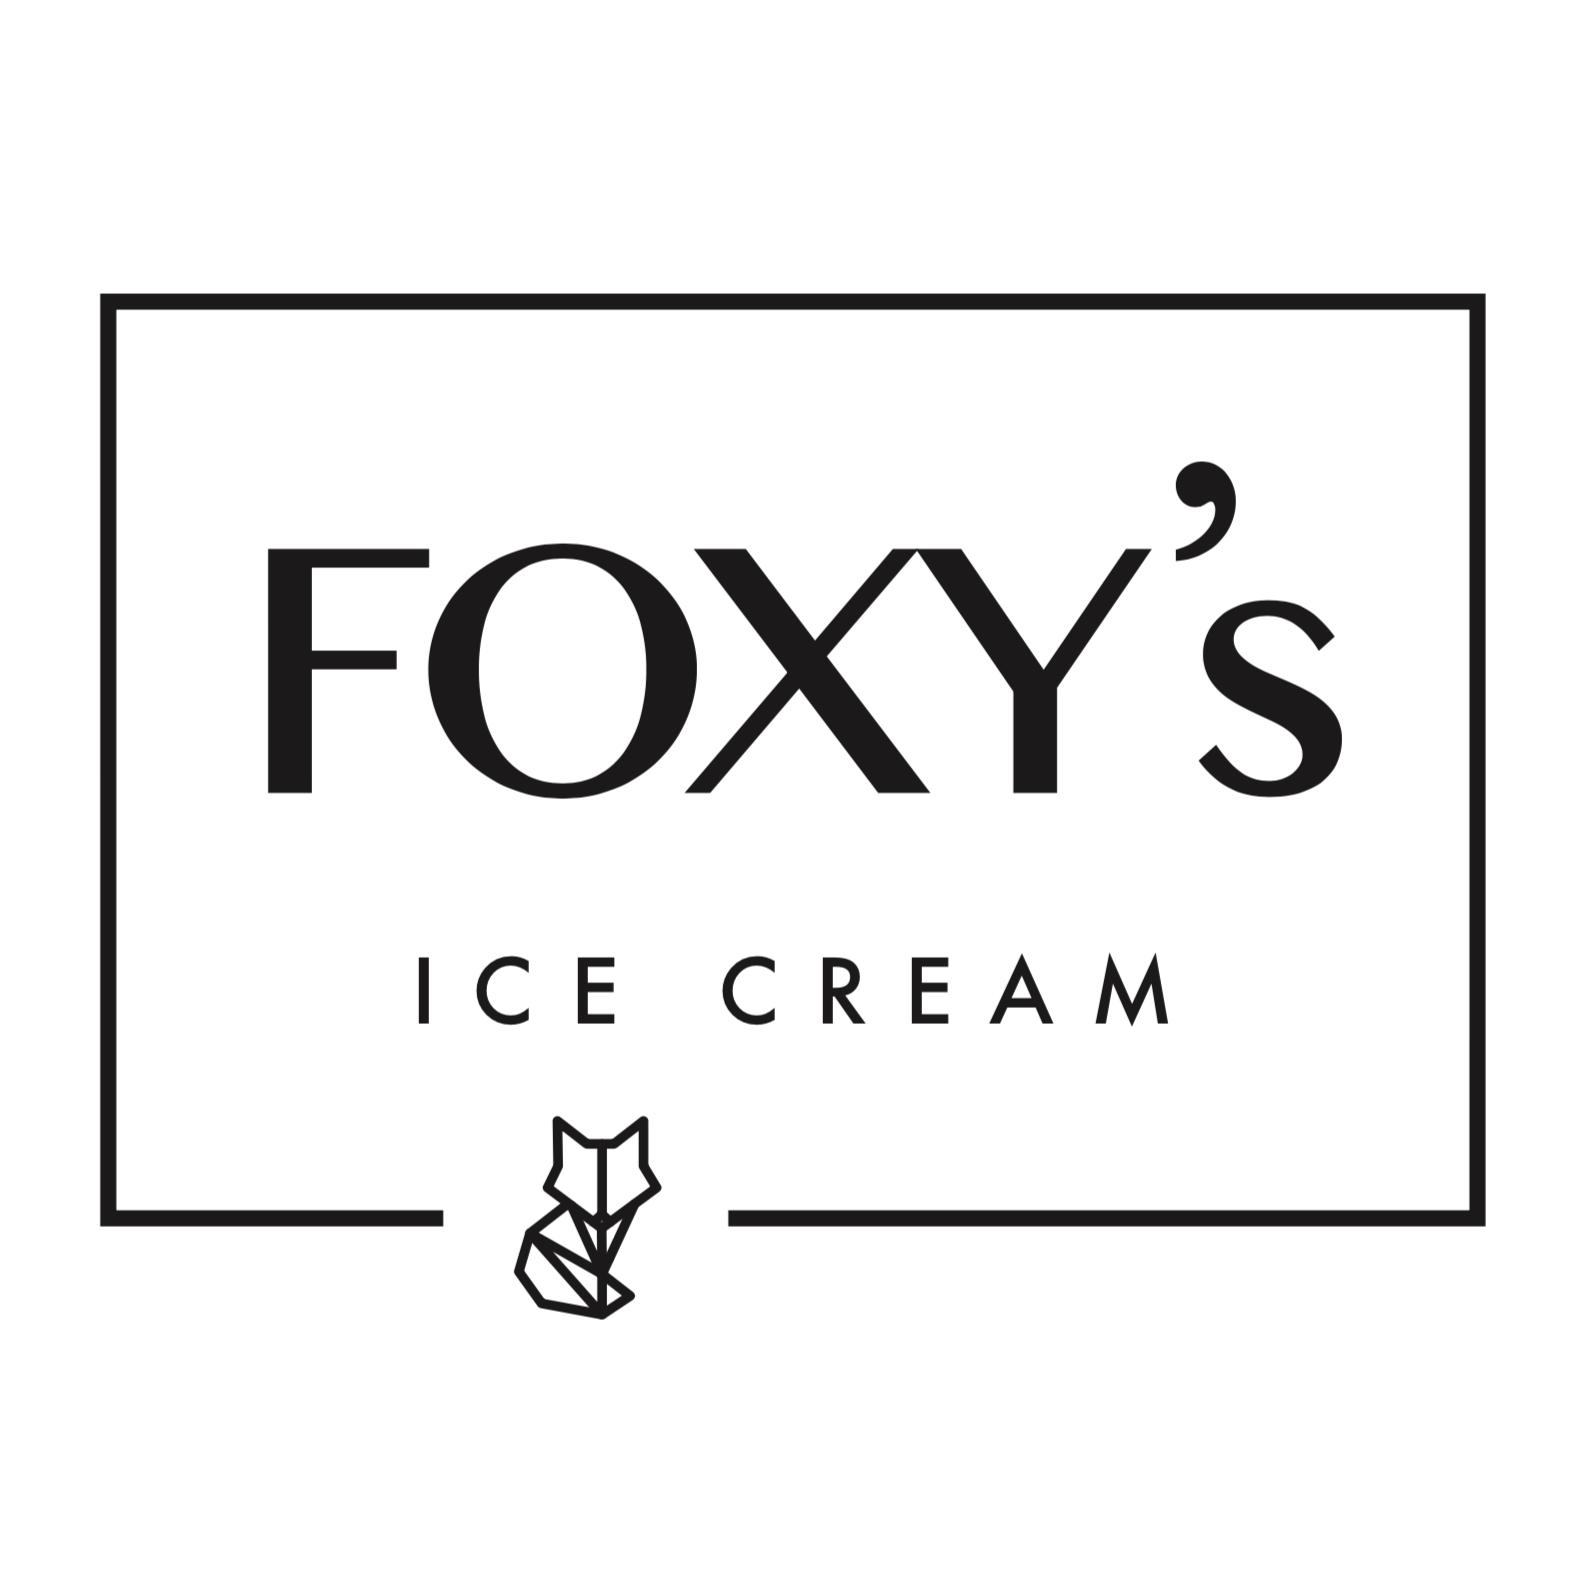 Foxy's Ice Cream